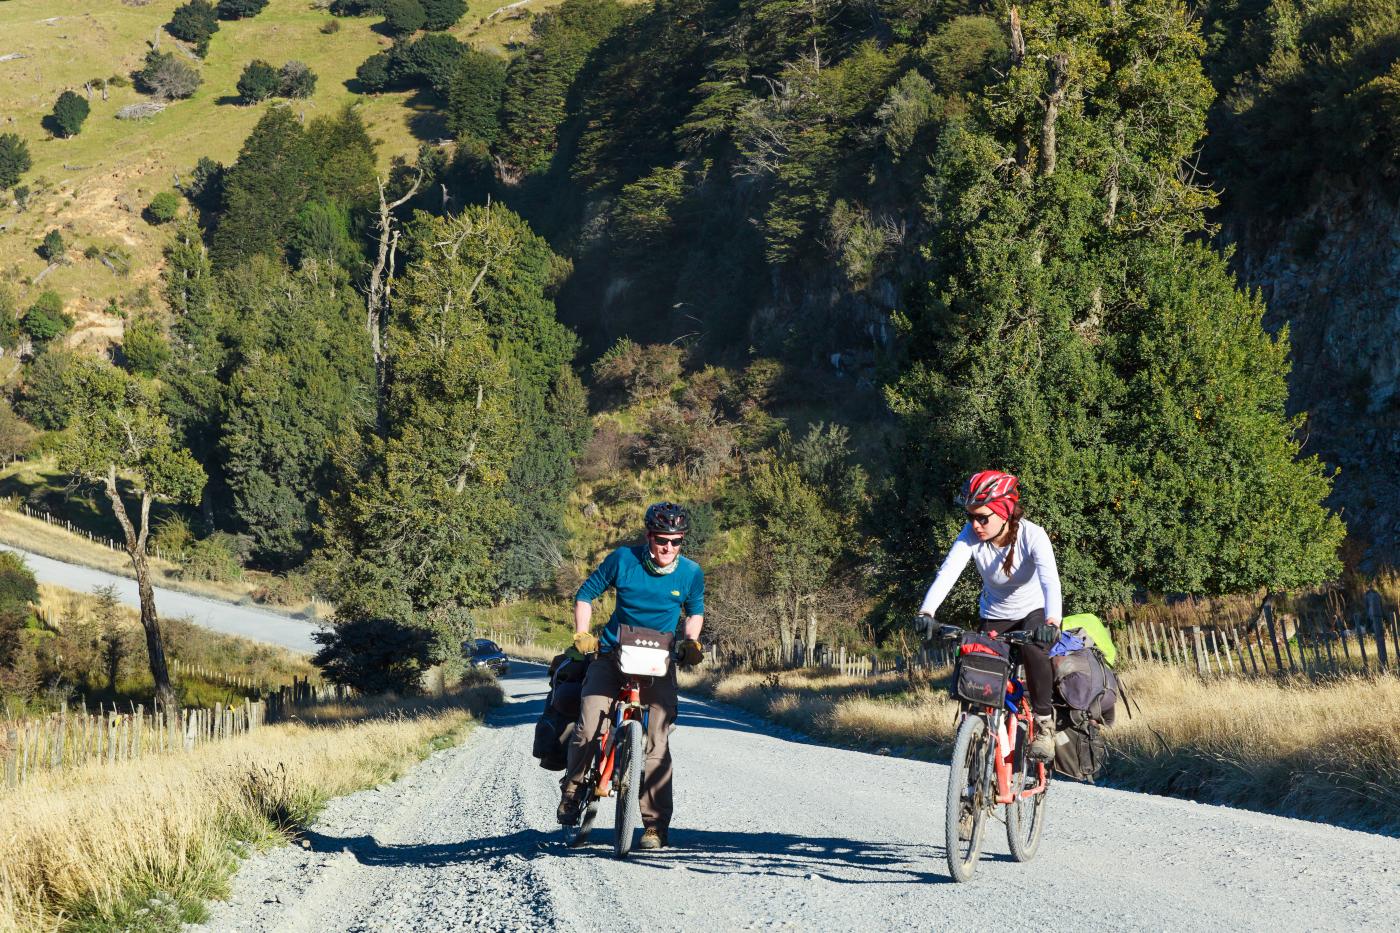 Imagen de bicicleteros en la carretera austral